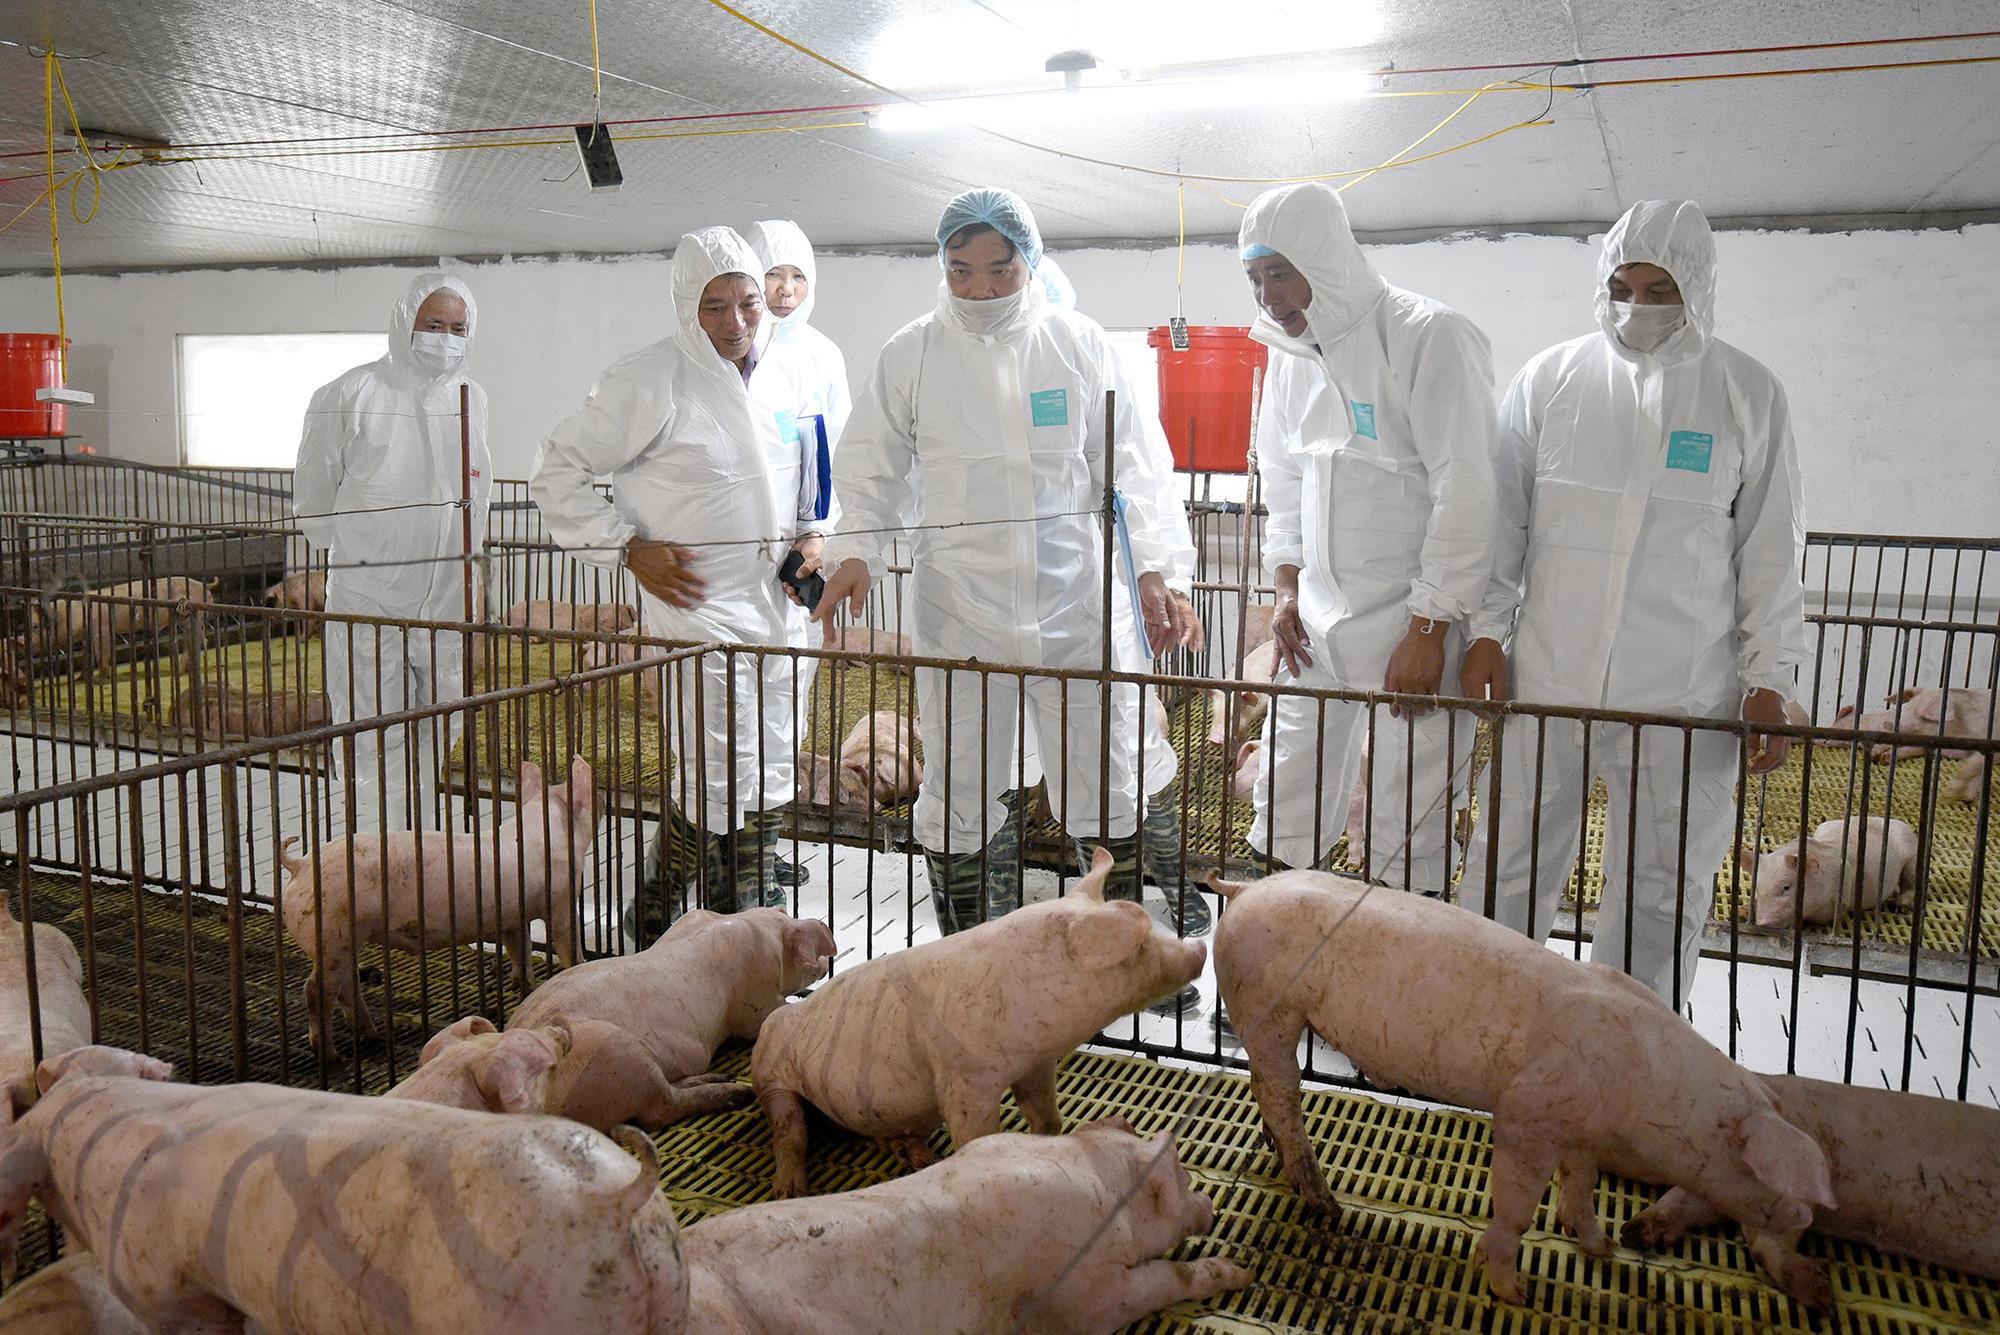 Trung Quốc nhập 1,72 triệu tấn thịt lợn, giá lợn hơi Việt Nam chưa thể giảm sâu - Ảnh 1.